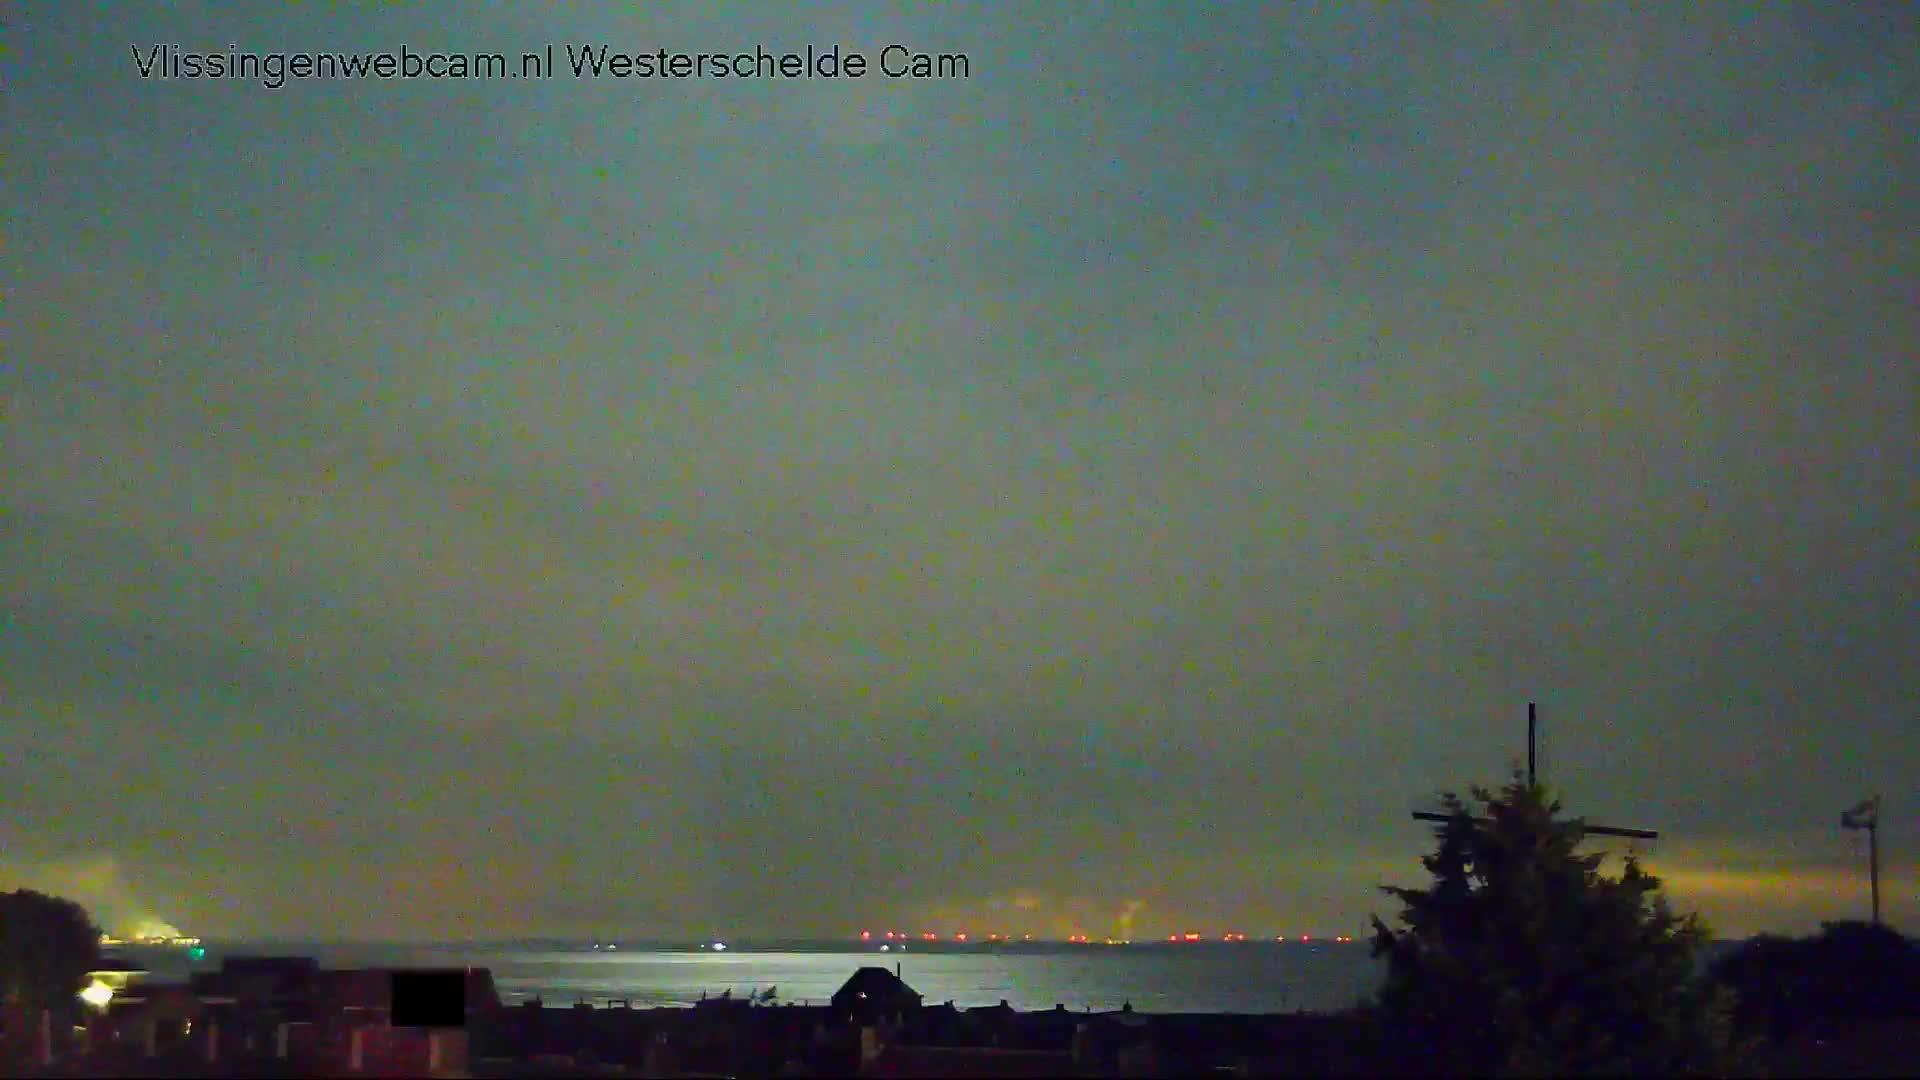 Vlissingen Wed. 02:53